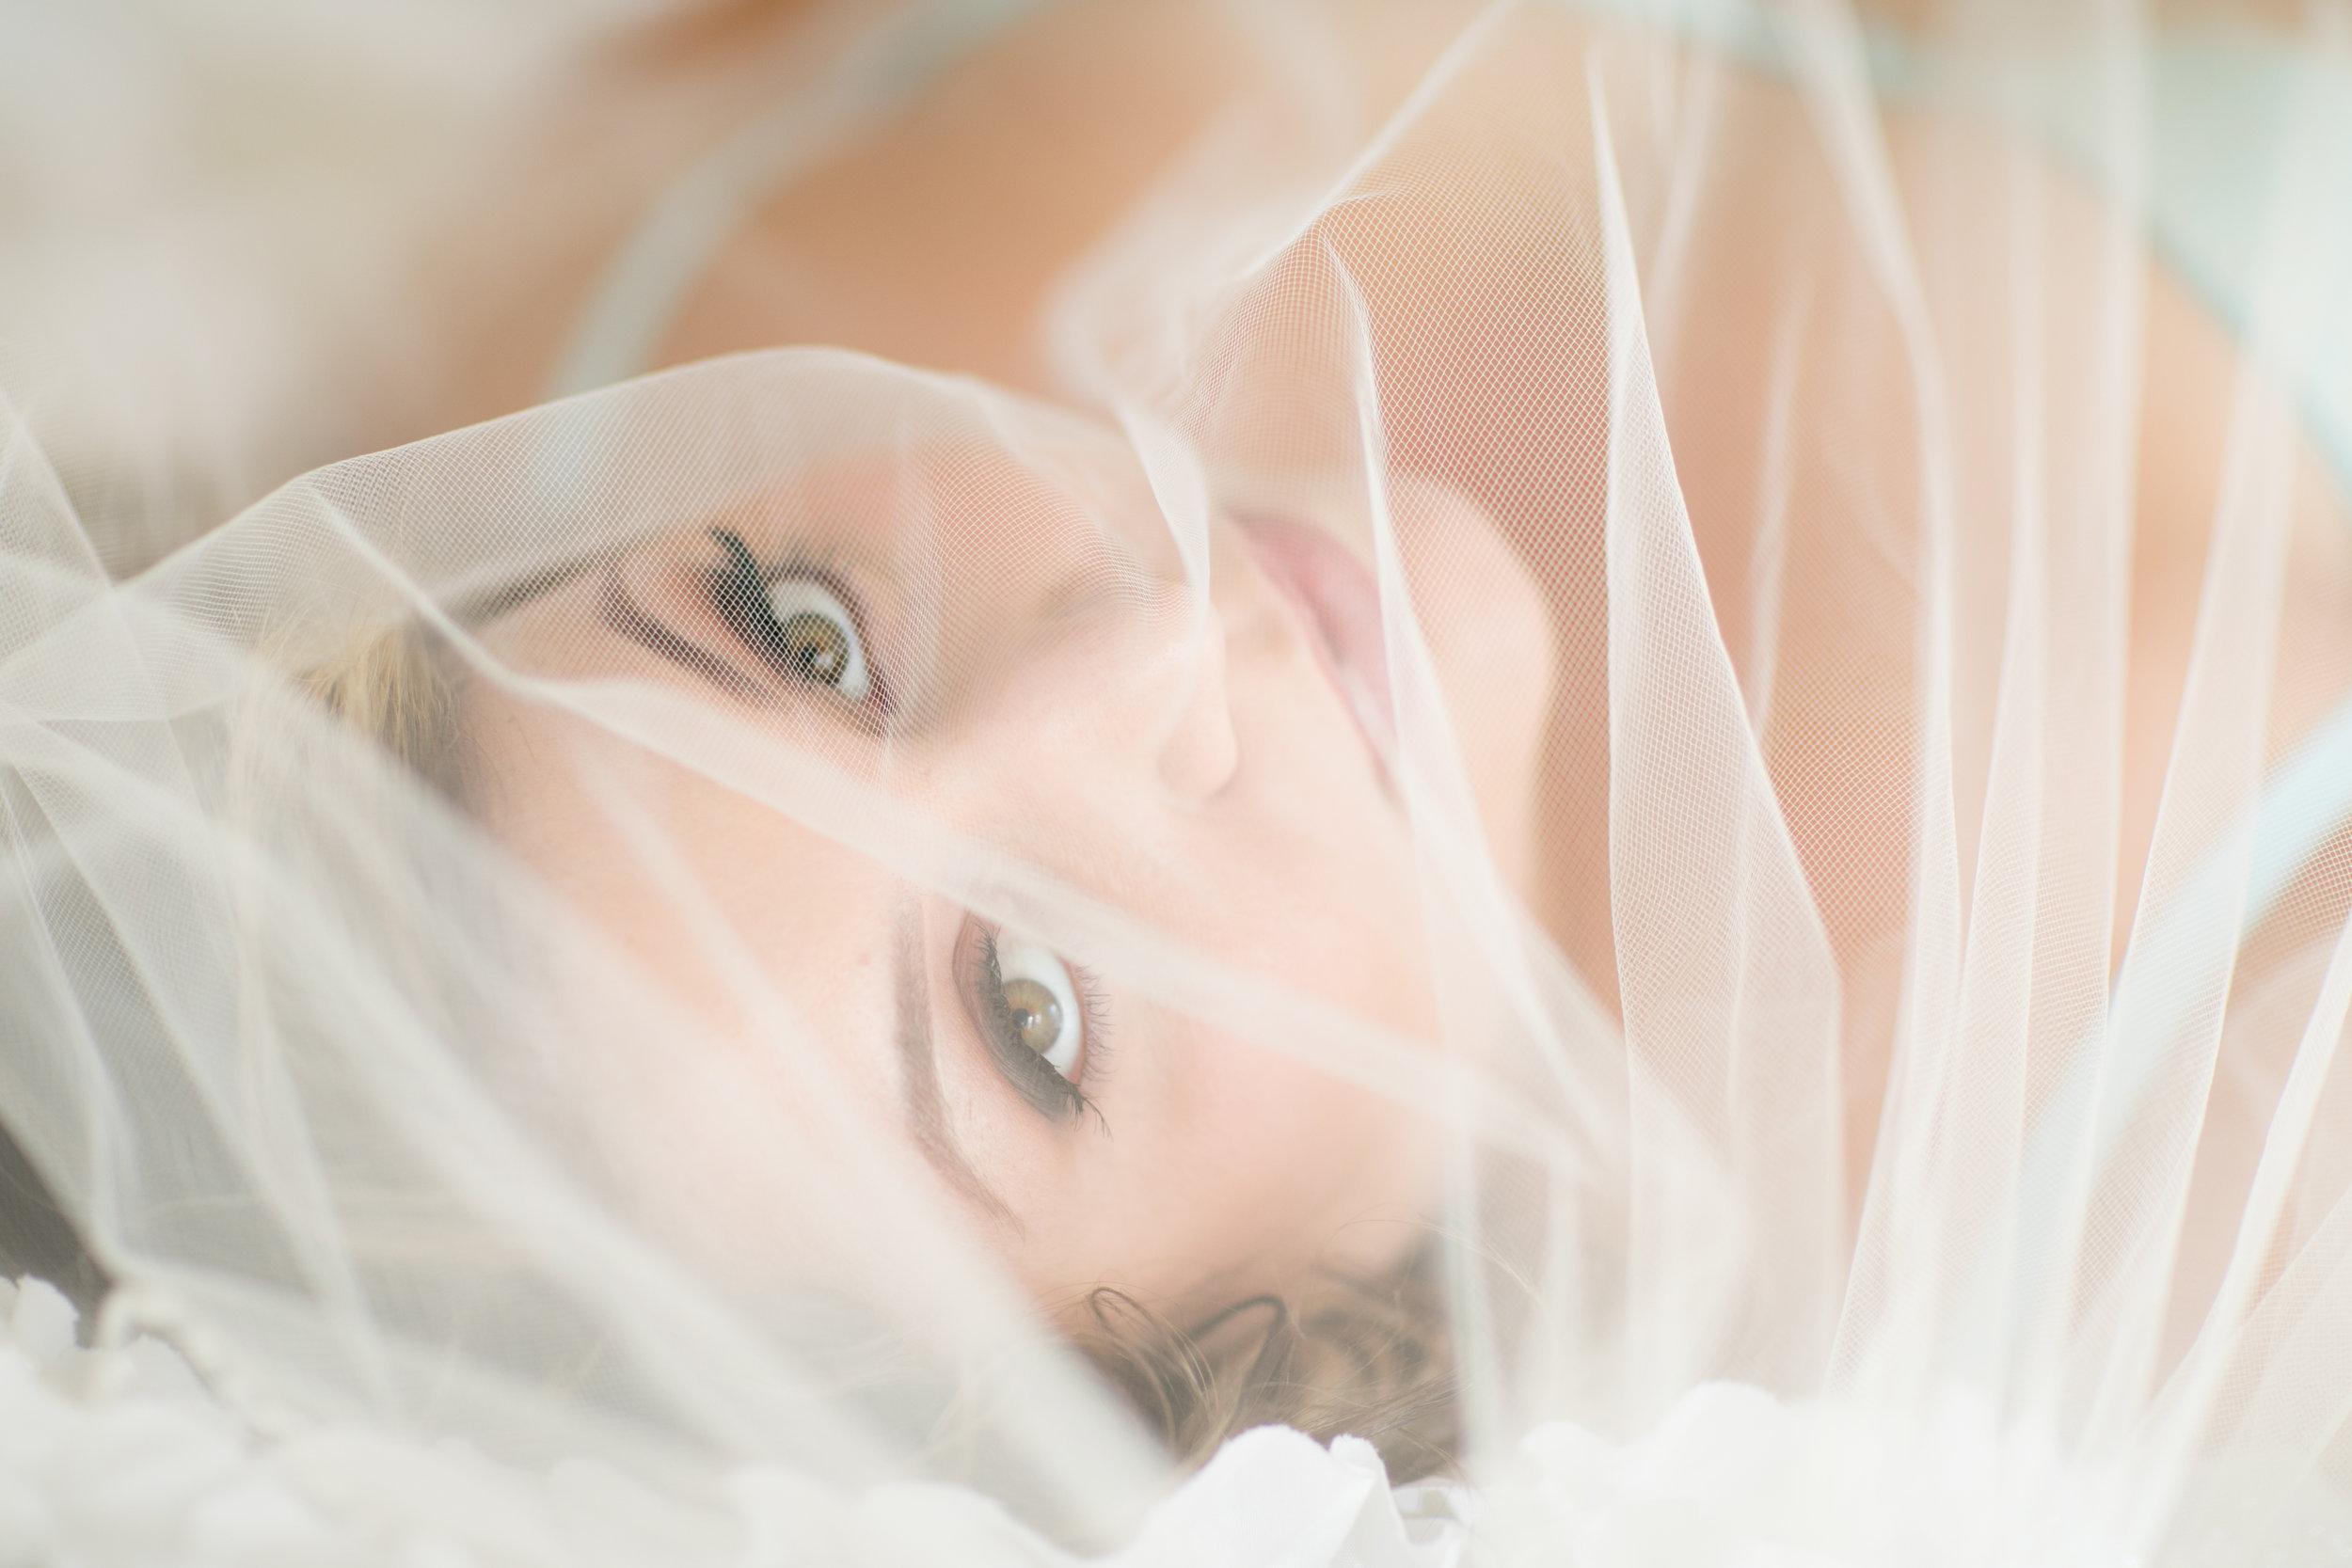 jenna_boudoir-43.jpg